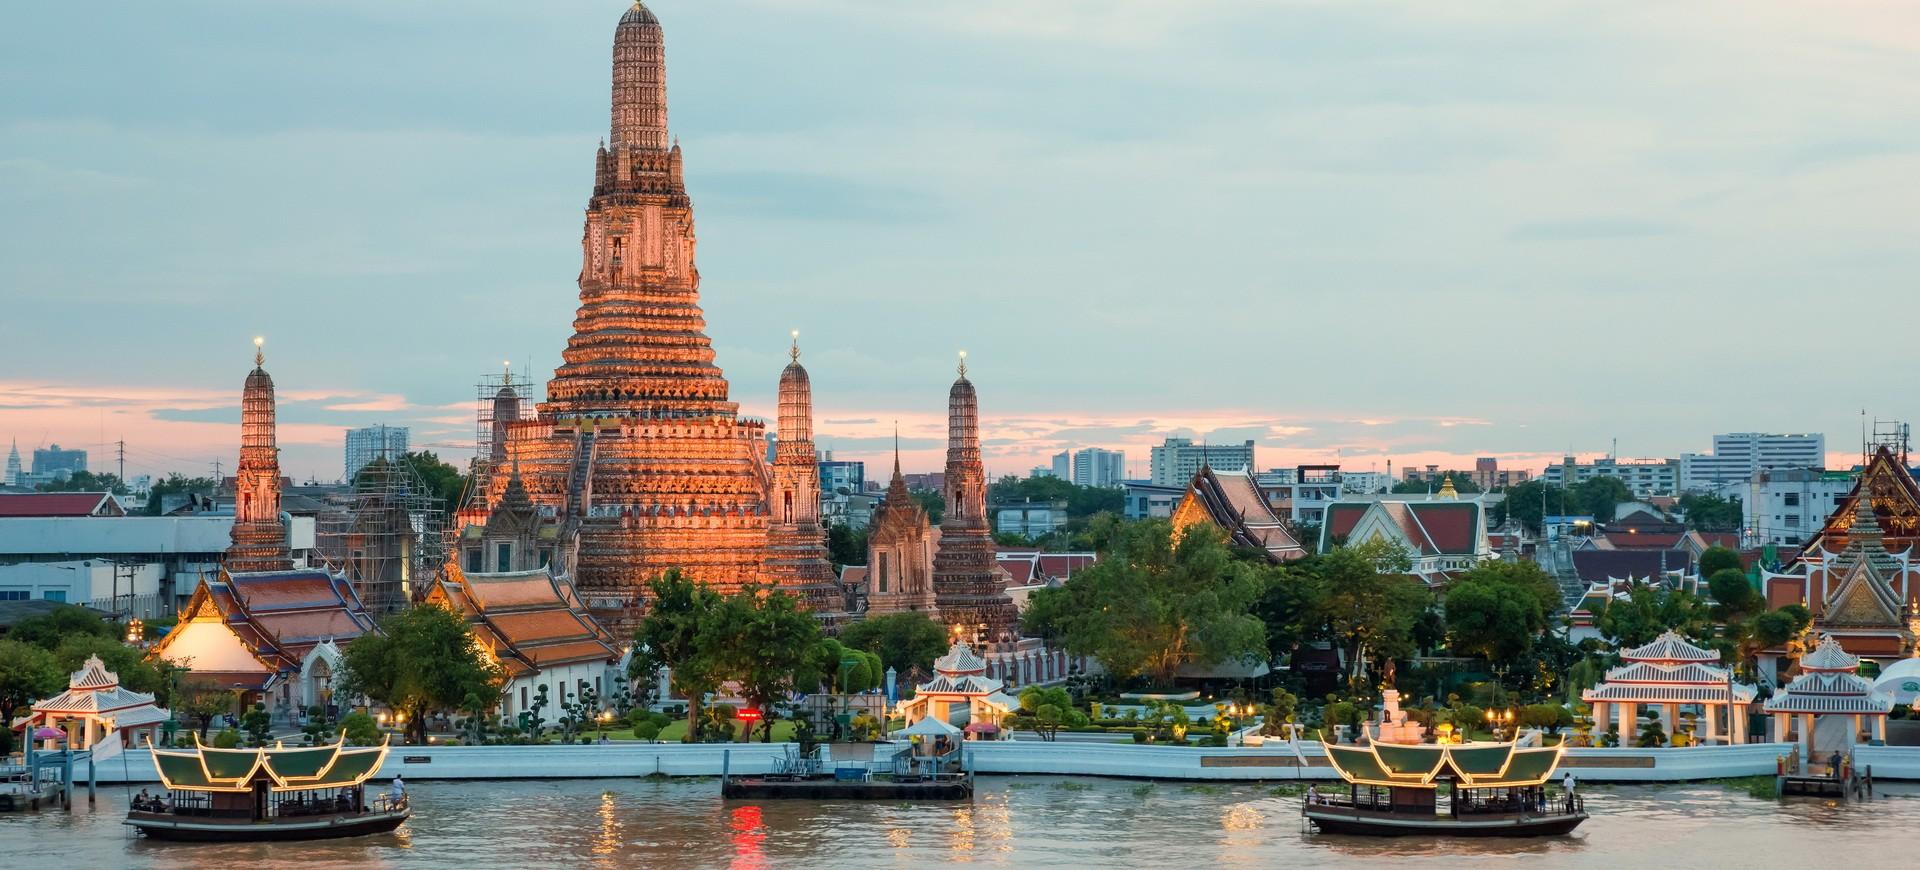 Thailande Bangkok Wat Arun et croisière sur la rivière